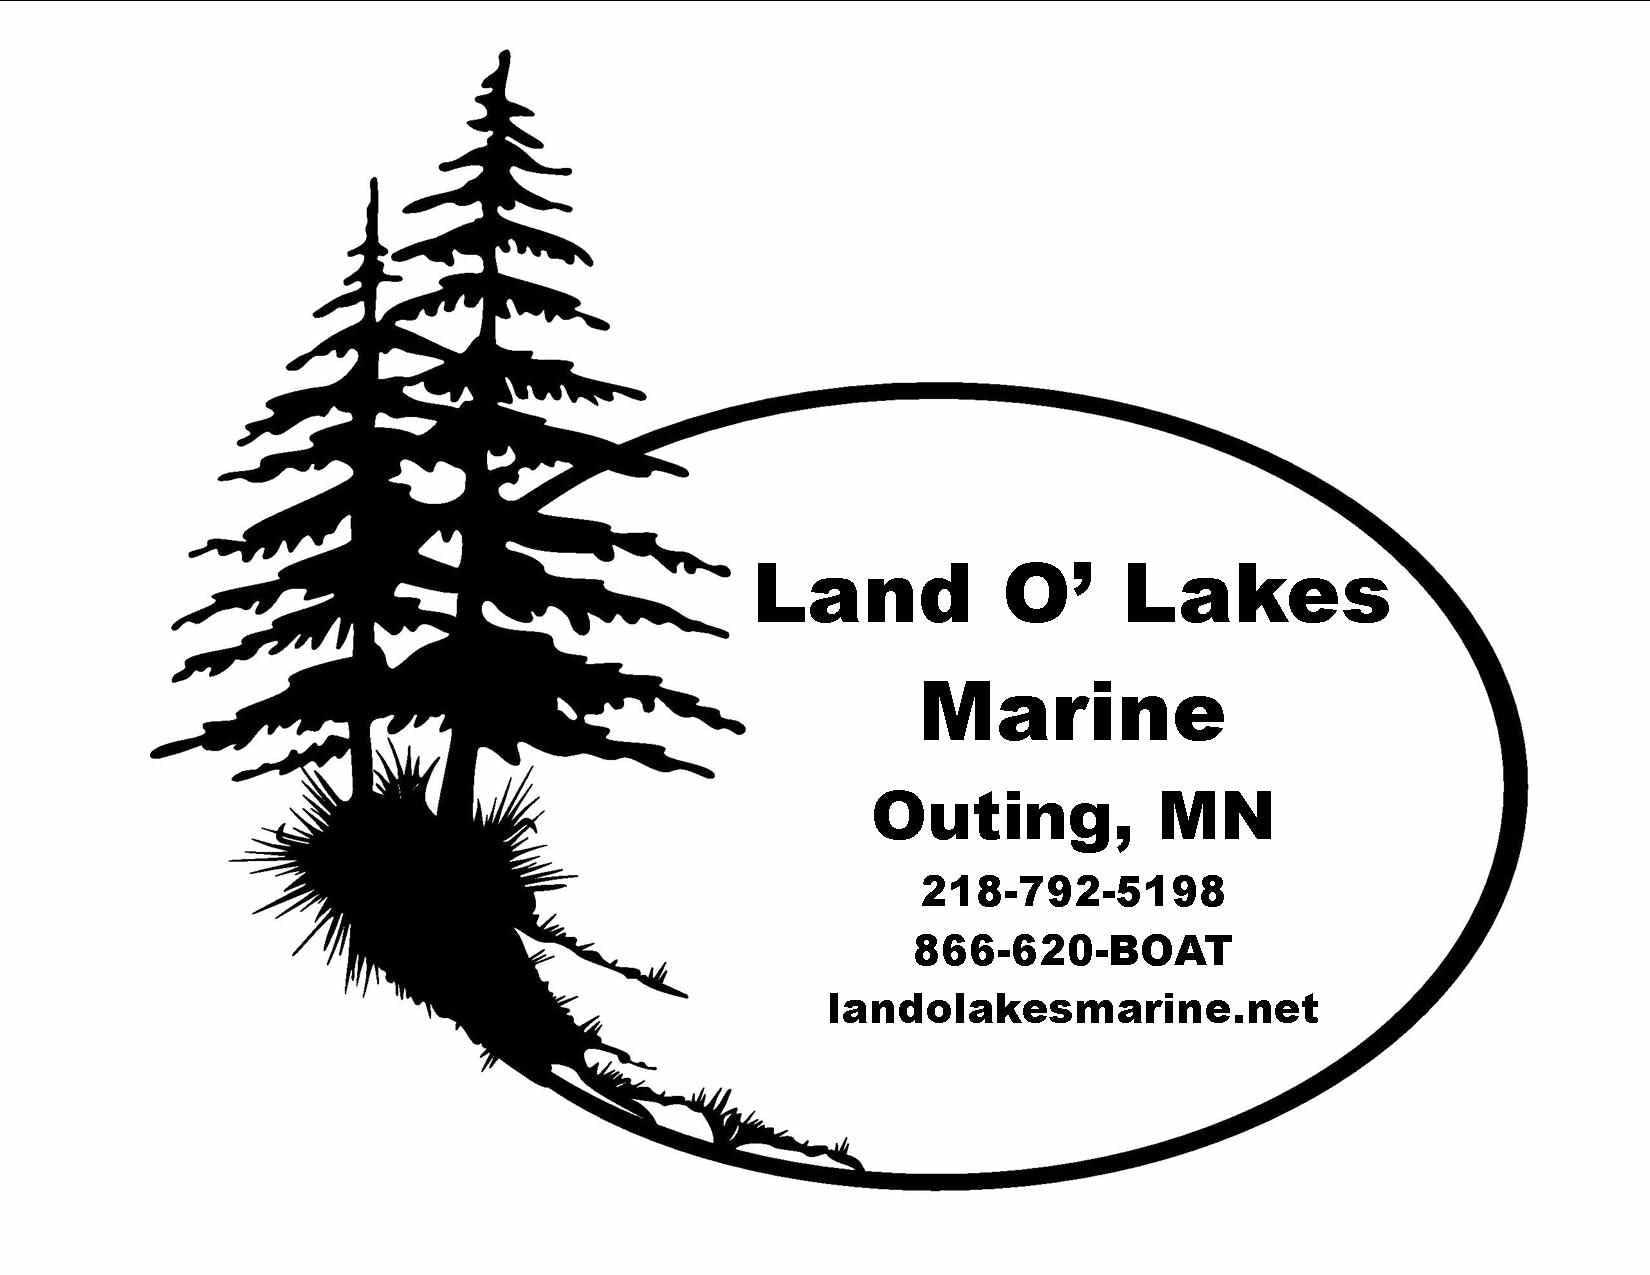 Company logo for 'Land O'Lakes Marine'.